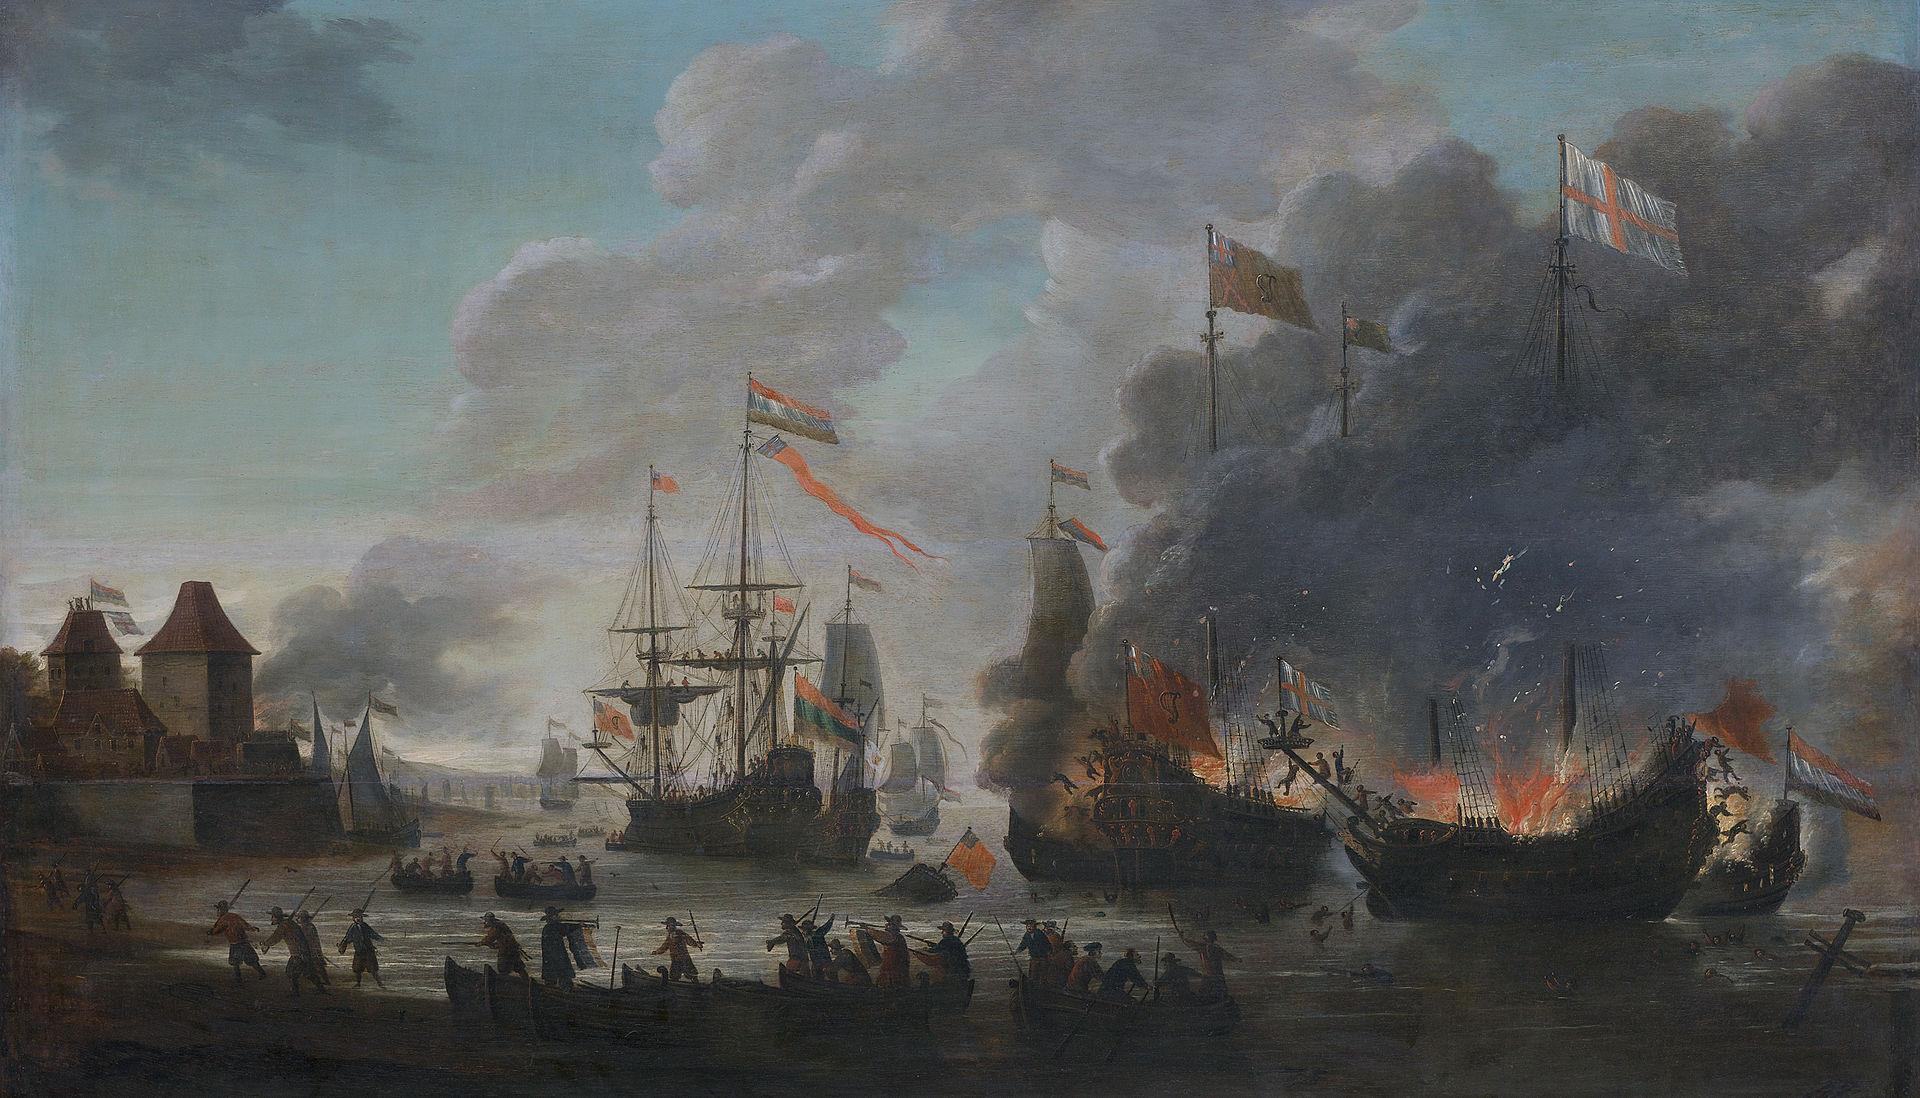 พิพิธภัณฑ์เร็กซ์ -ภาพเหตุการณืดัตชืเปาเรืออังกฤษ